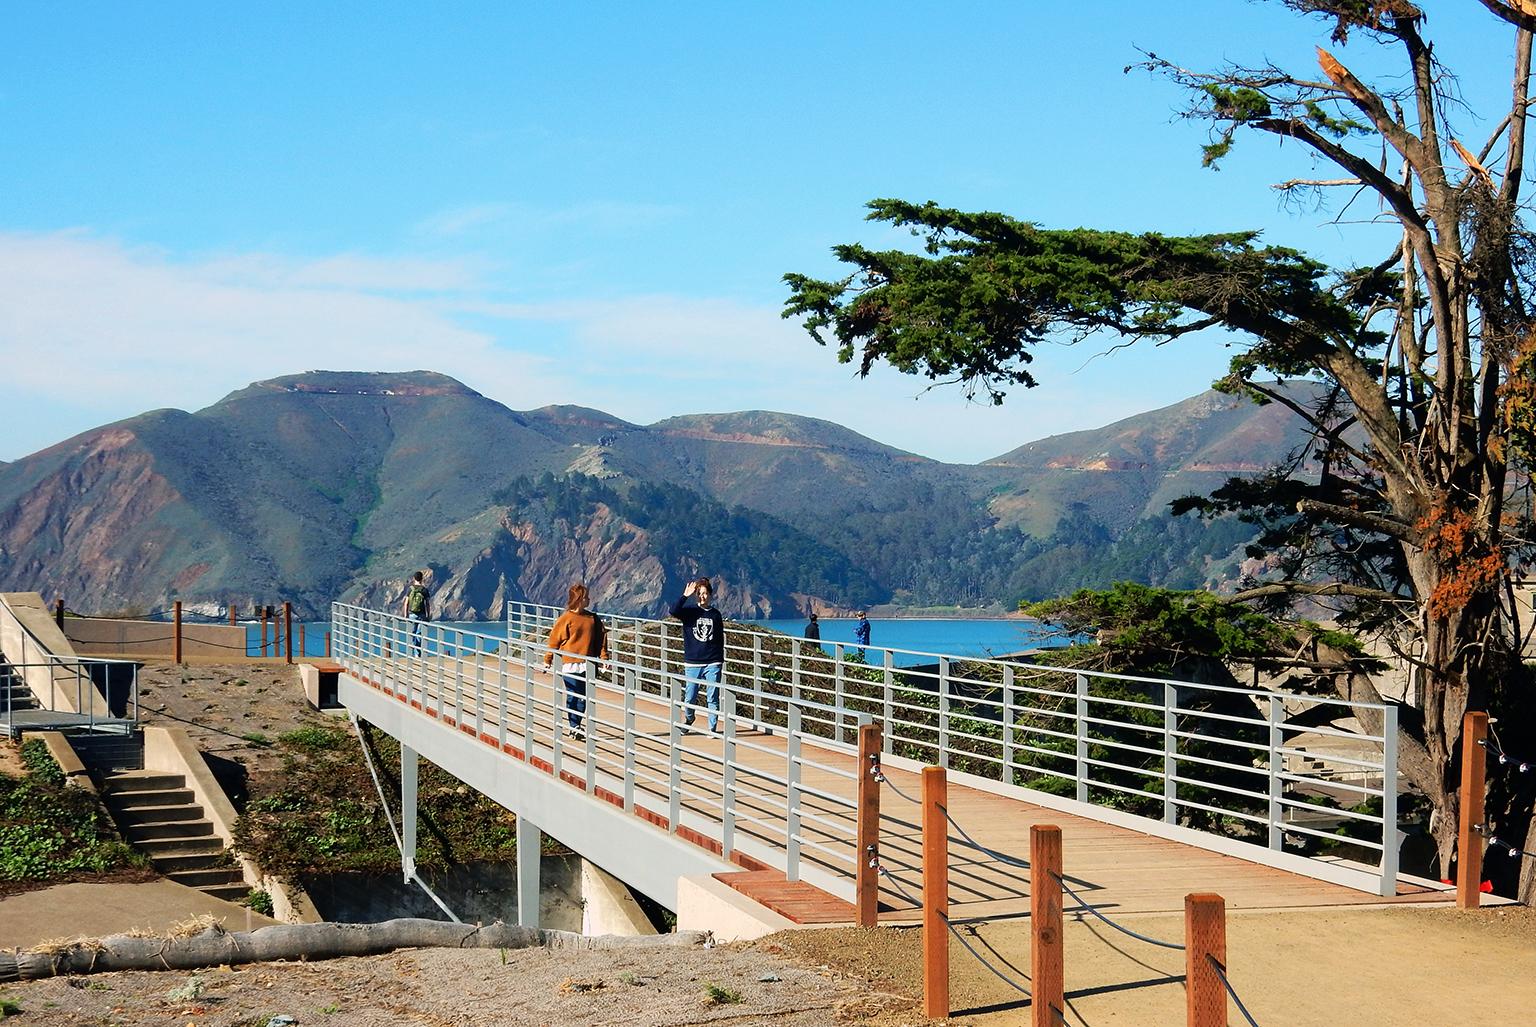 GGNRA Marcus Miller Bridge + Trail